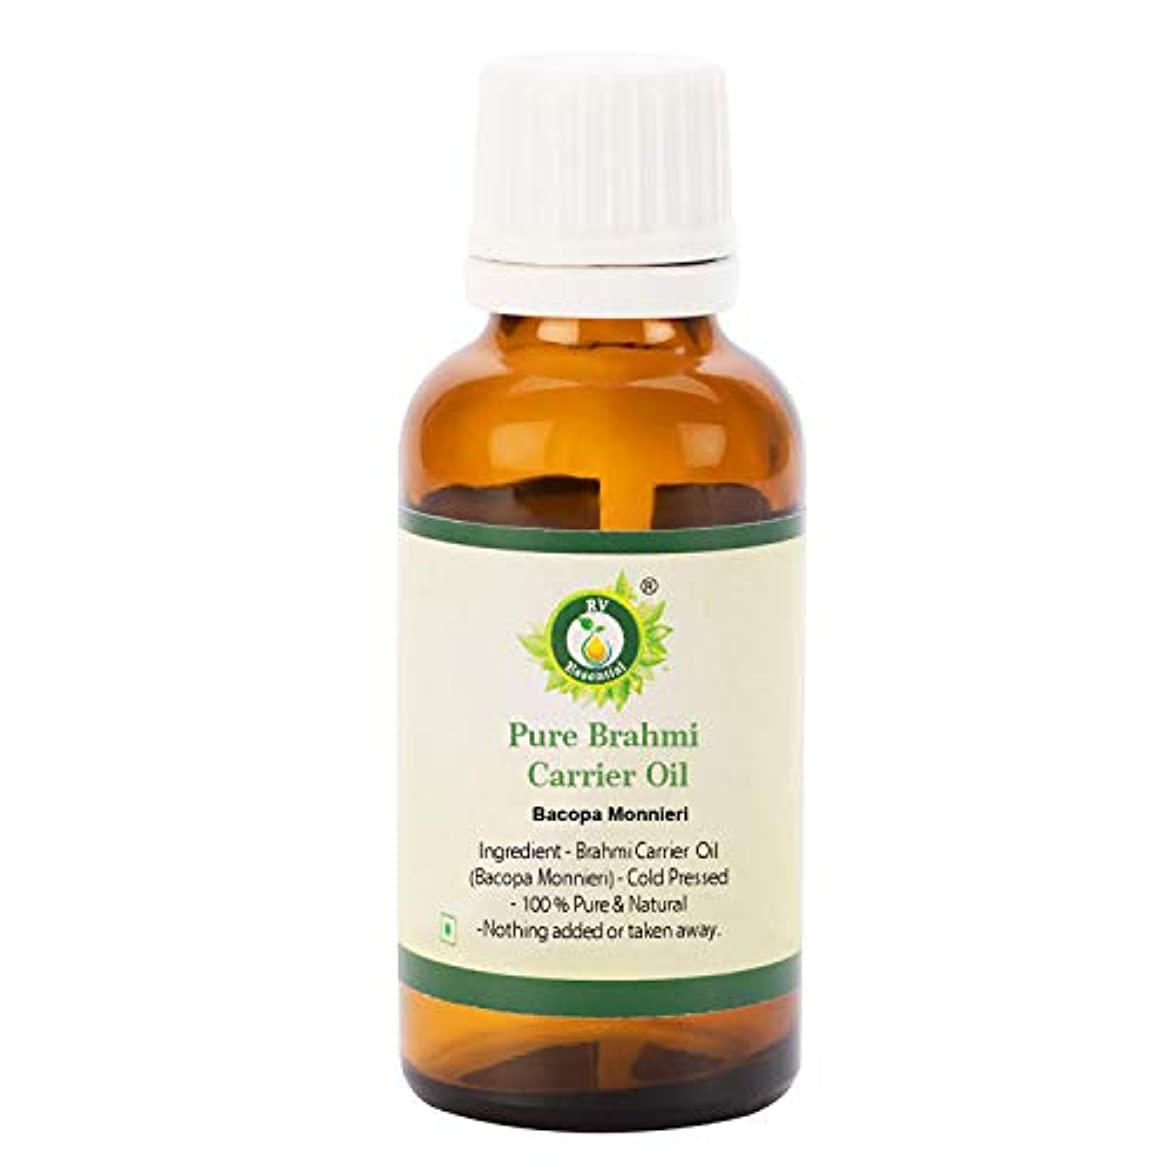 コメント宣教師ストレスの多い純粋なブラフミ油300ml (10oz)- Bacopa Monnieri (100%純粋で天然の希少ハーブシリーズ) Pure Brahmi Oil